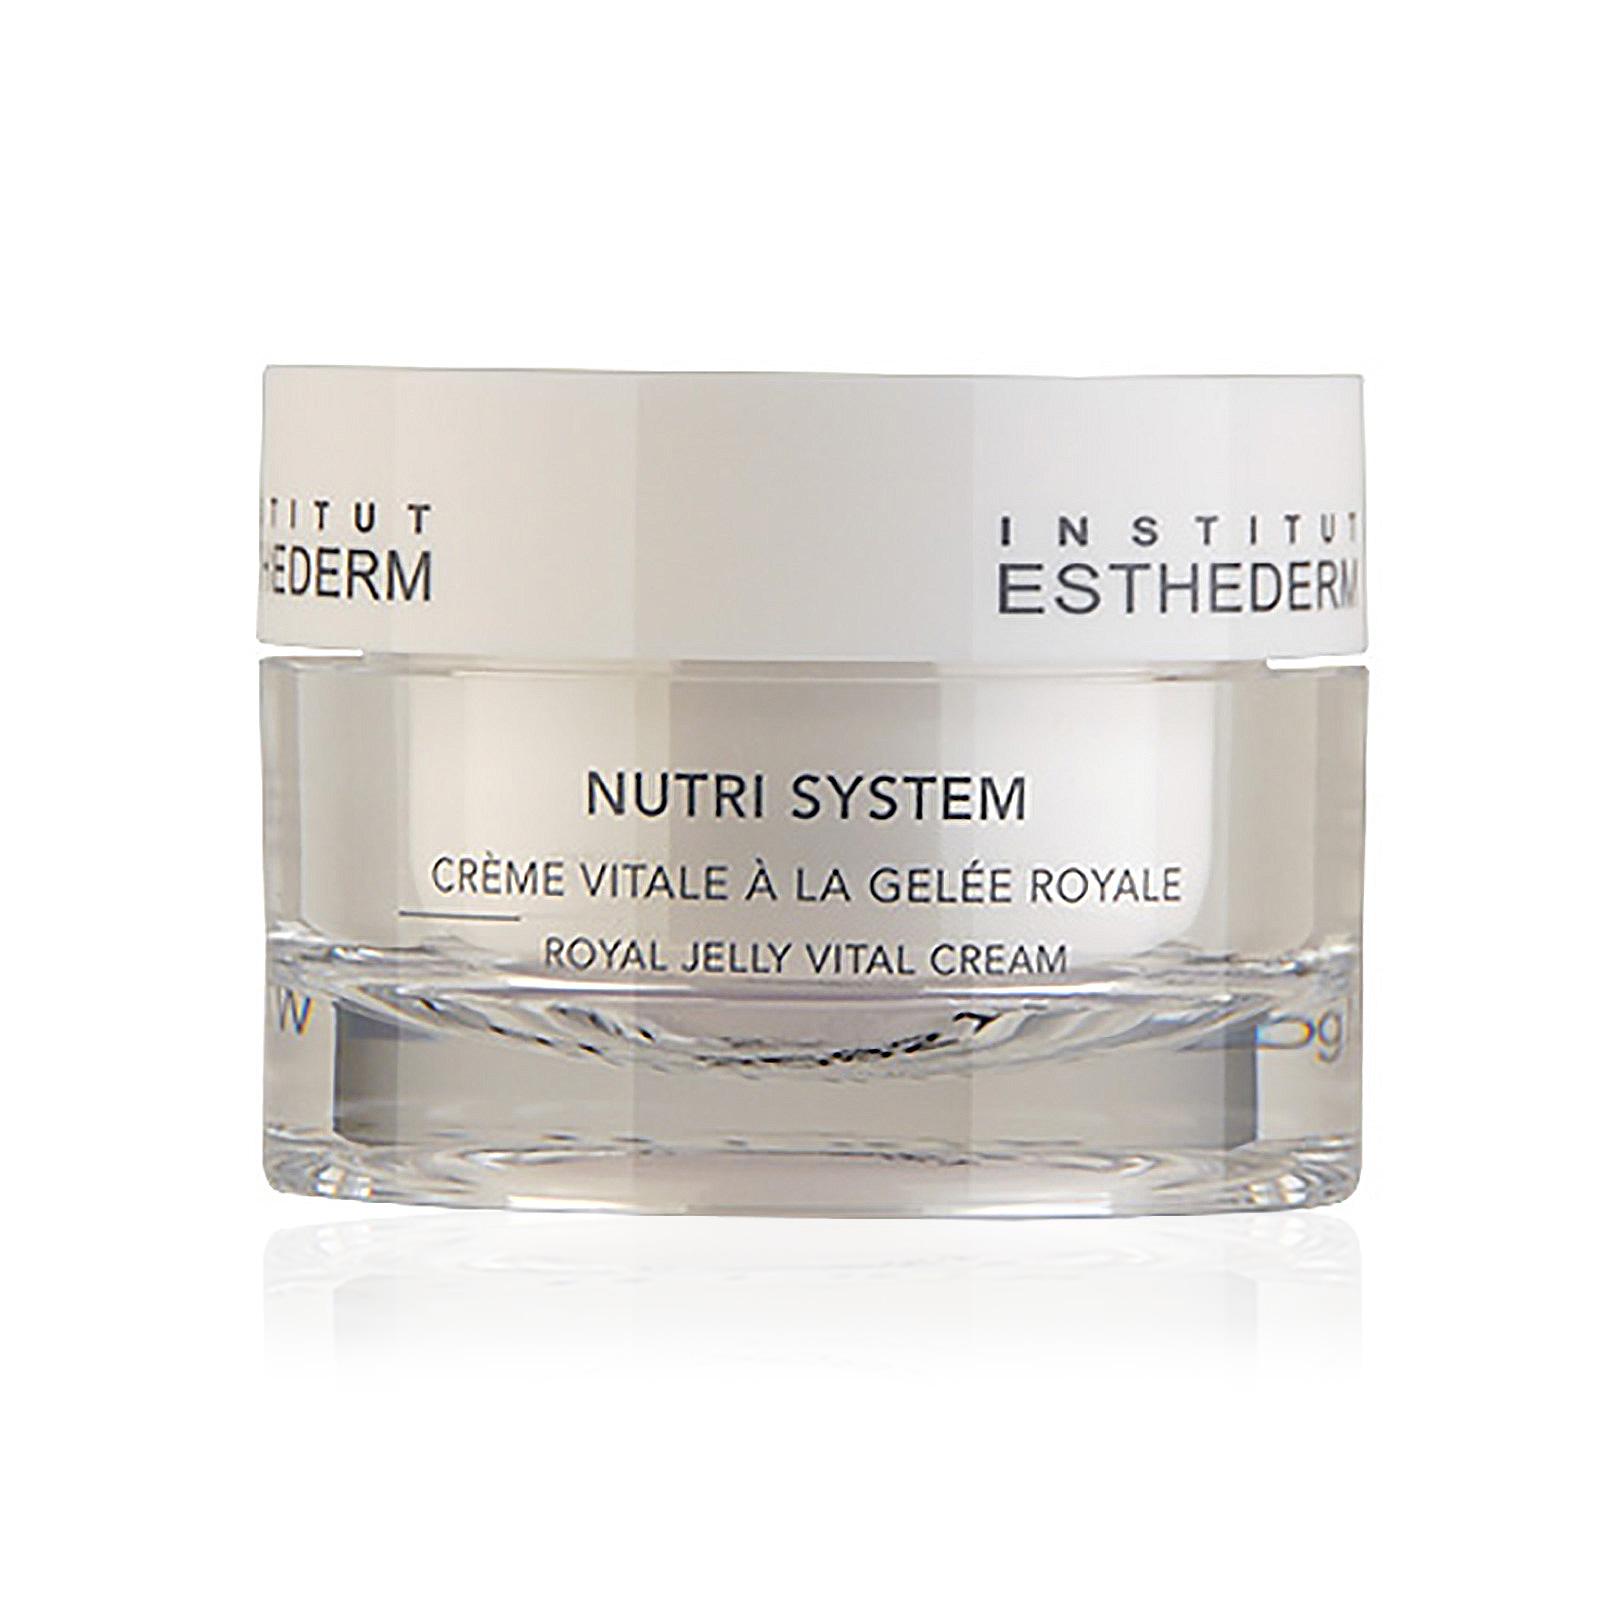 Nutri System Royal Jelly Vital Cream